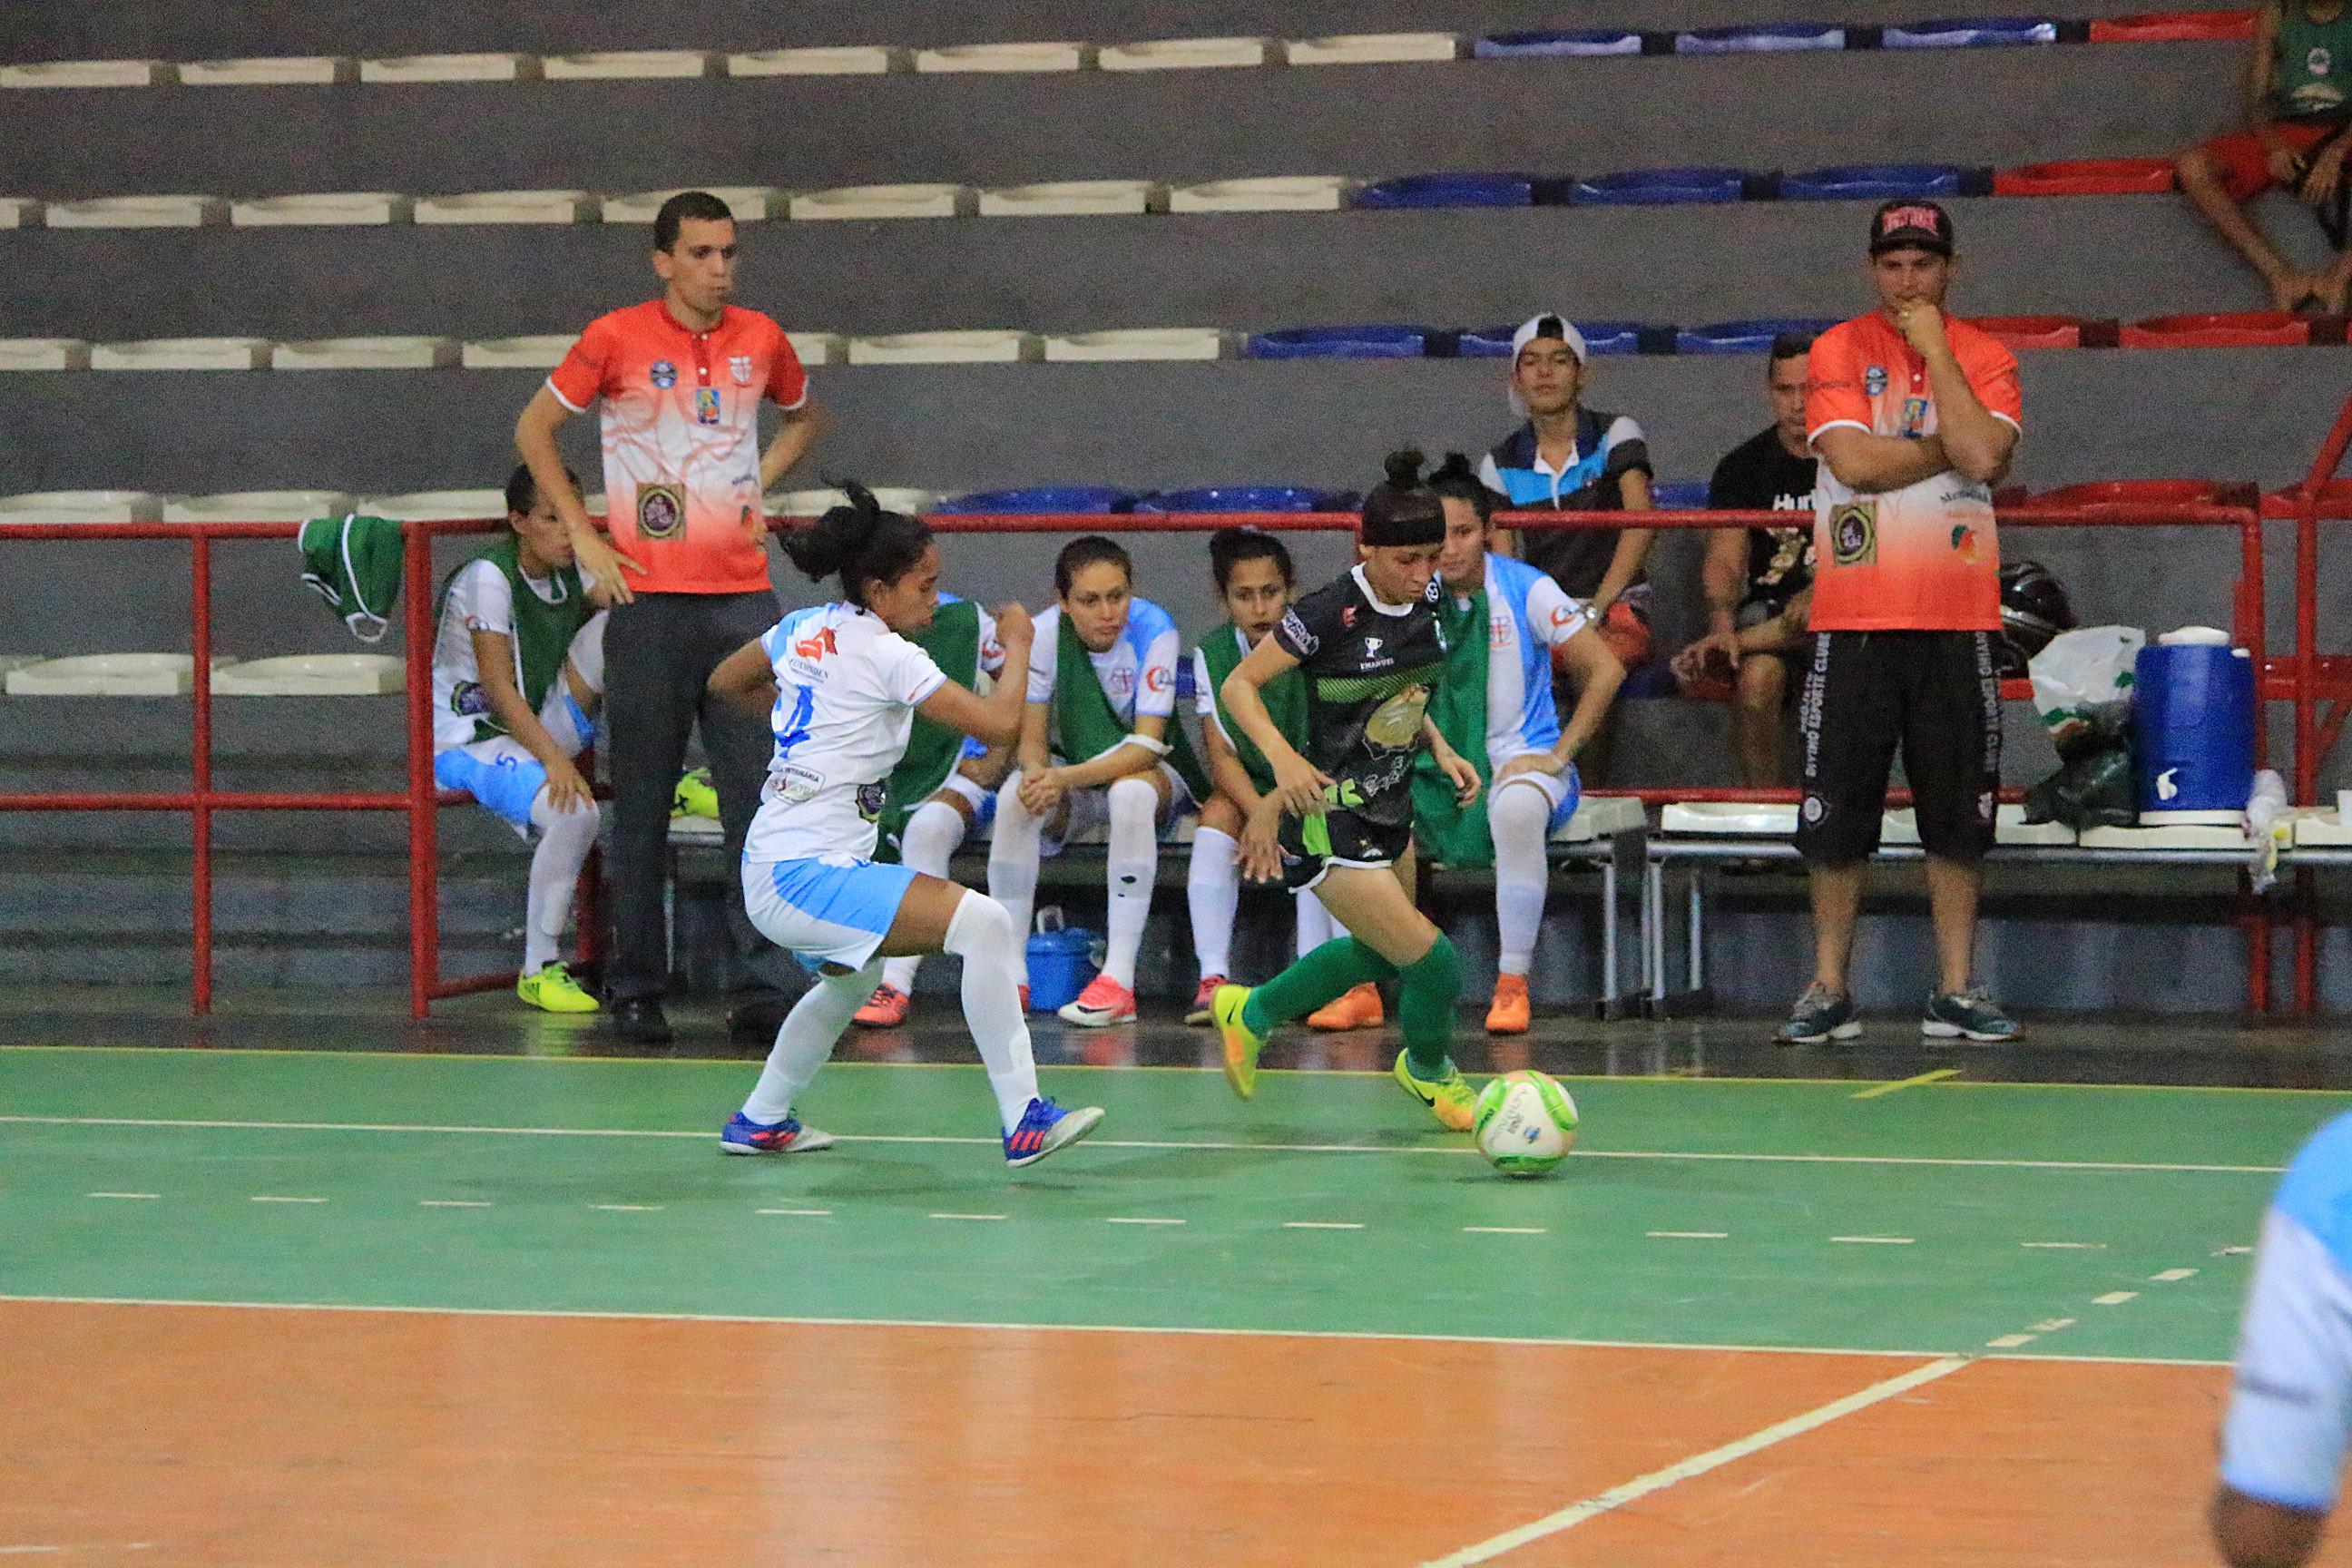 Tweet. Compartilhar. Compartilhar. Email · Comentários. A primeira edição da  Copa São Francisco de Futsal Adulto Feminino começa na noite ... b923e7182b6e6